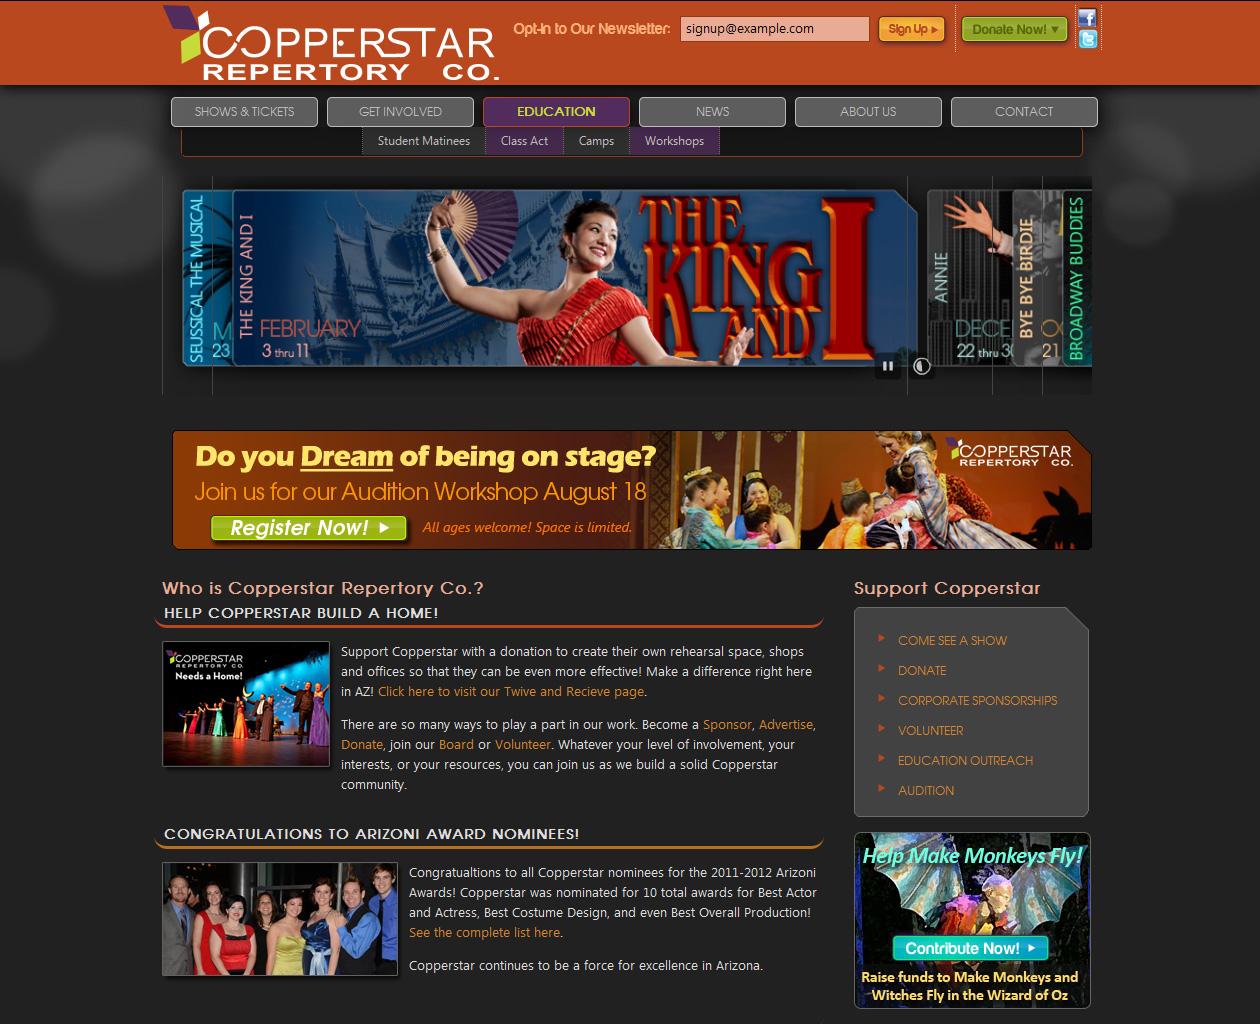 CopperstarRep